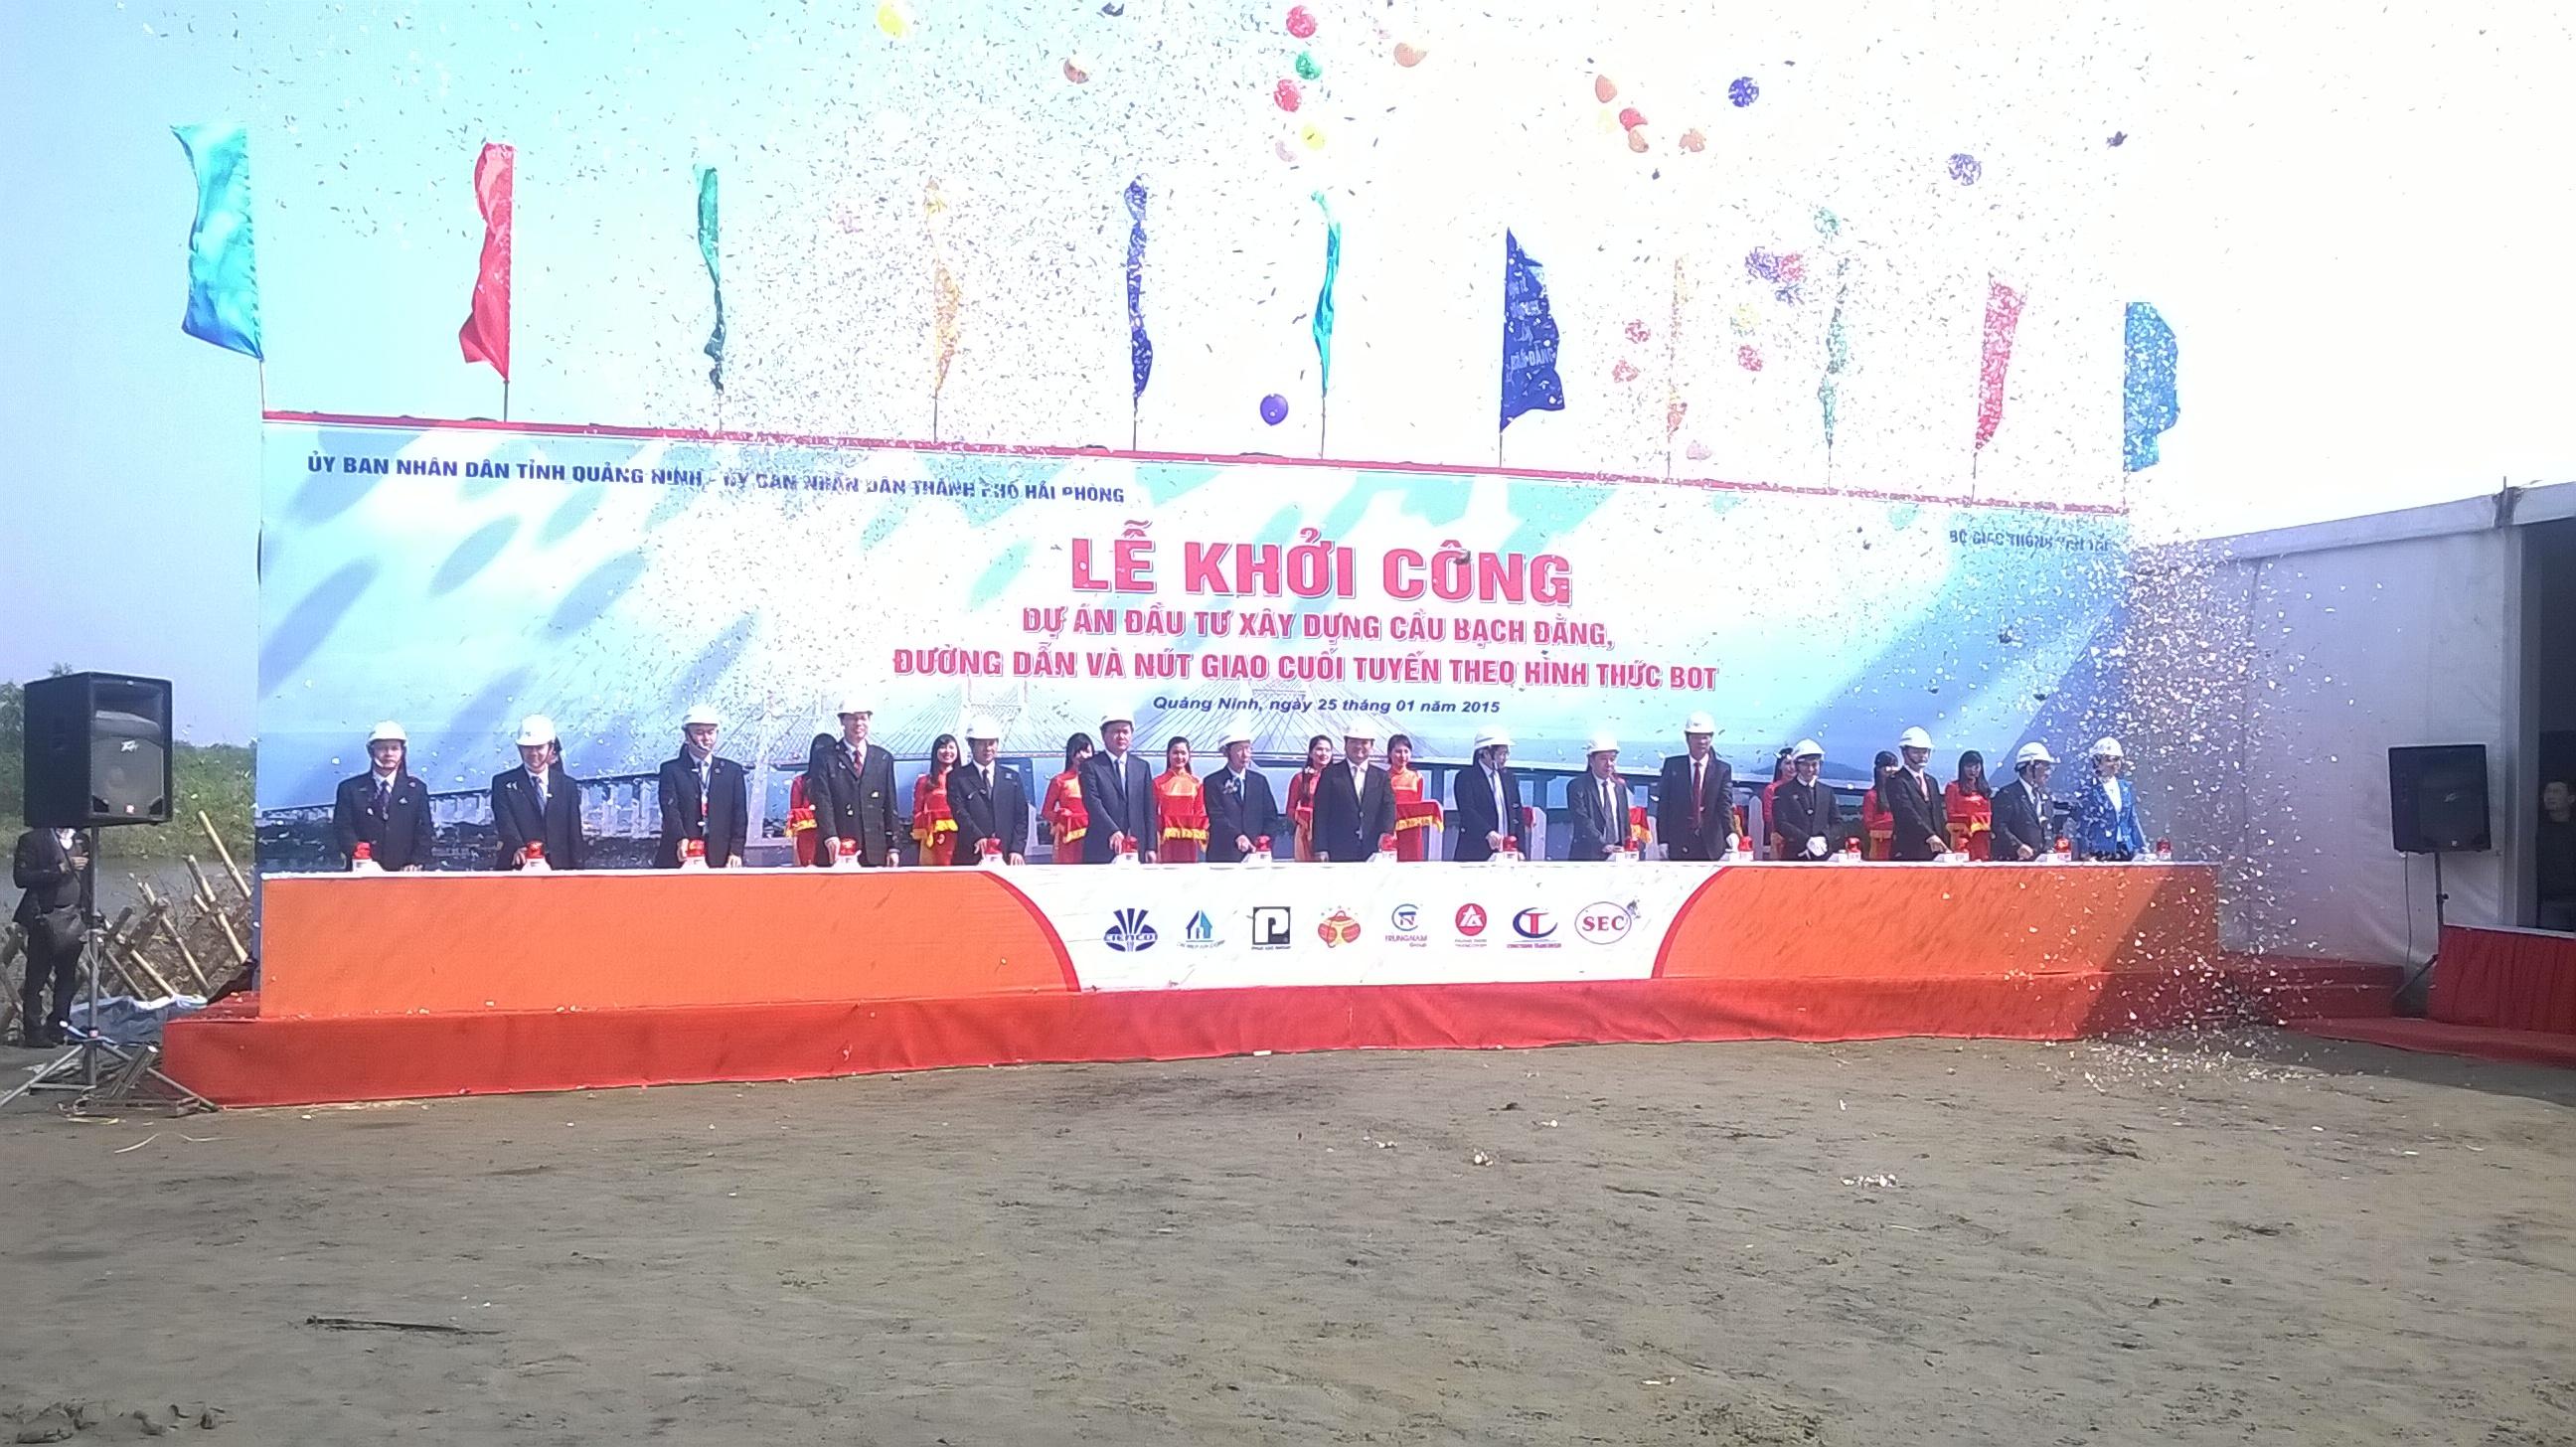 Quảng Ninh: Khởi công xây dựng cầu Bạch Đằng